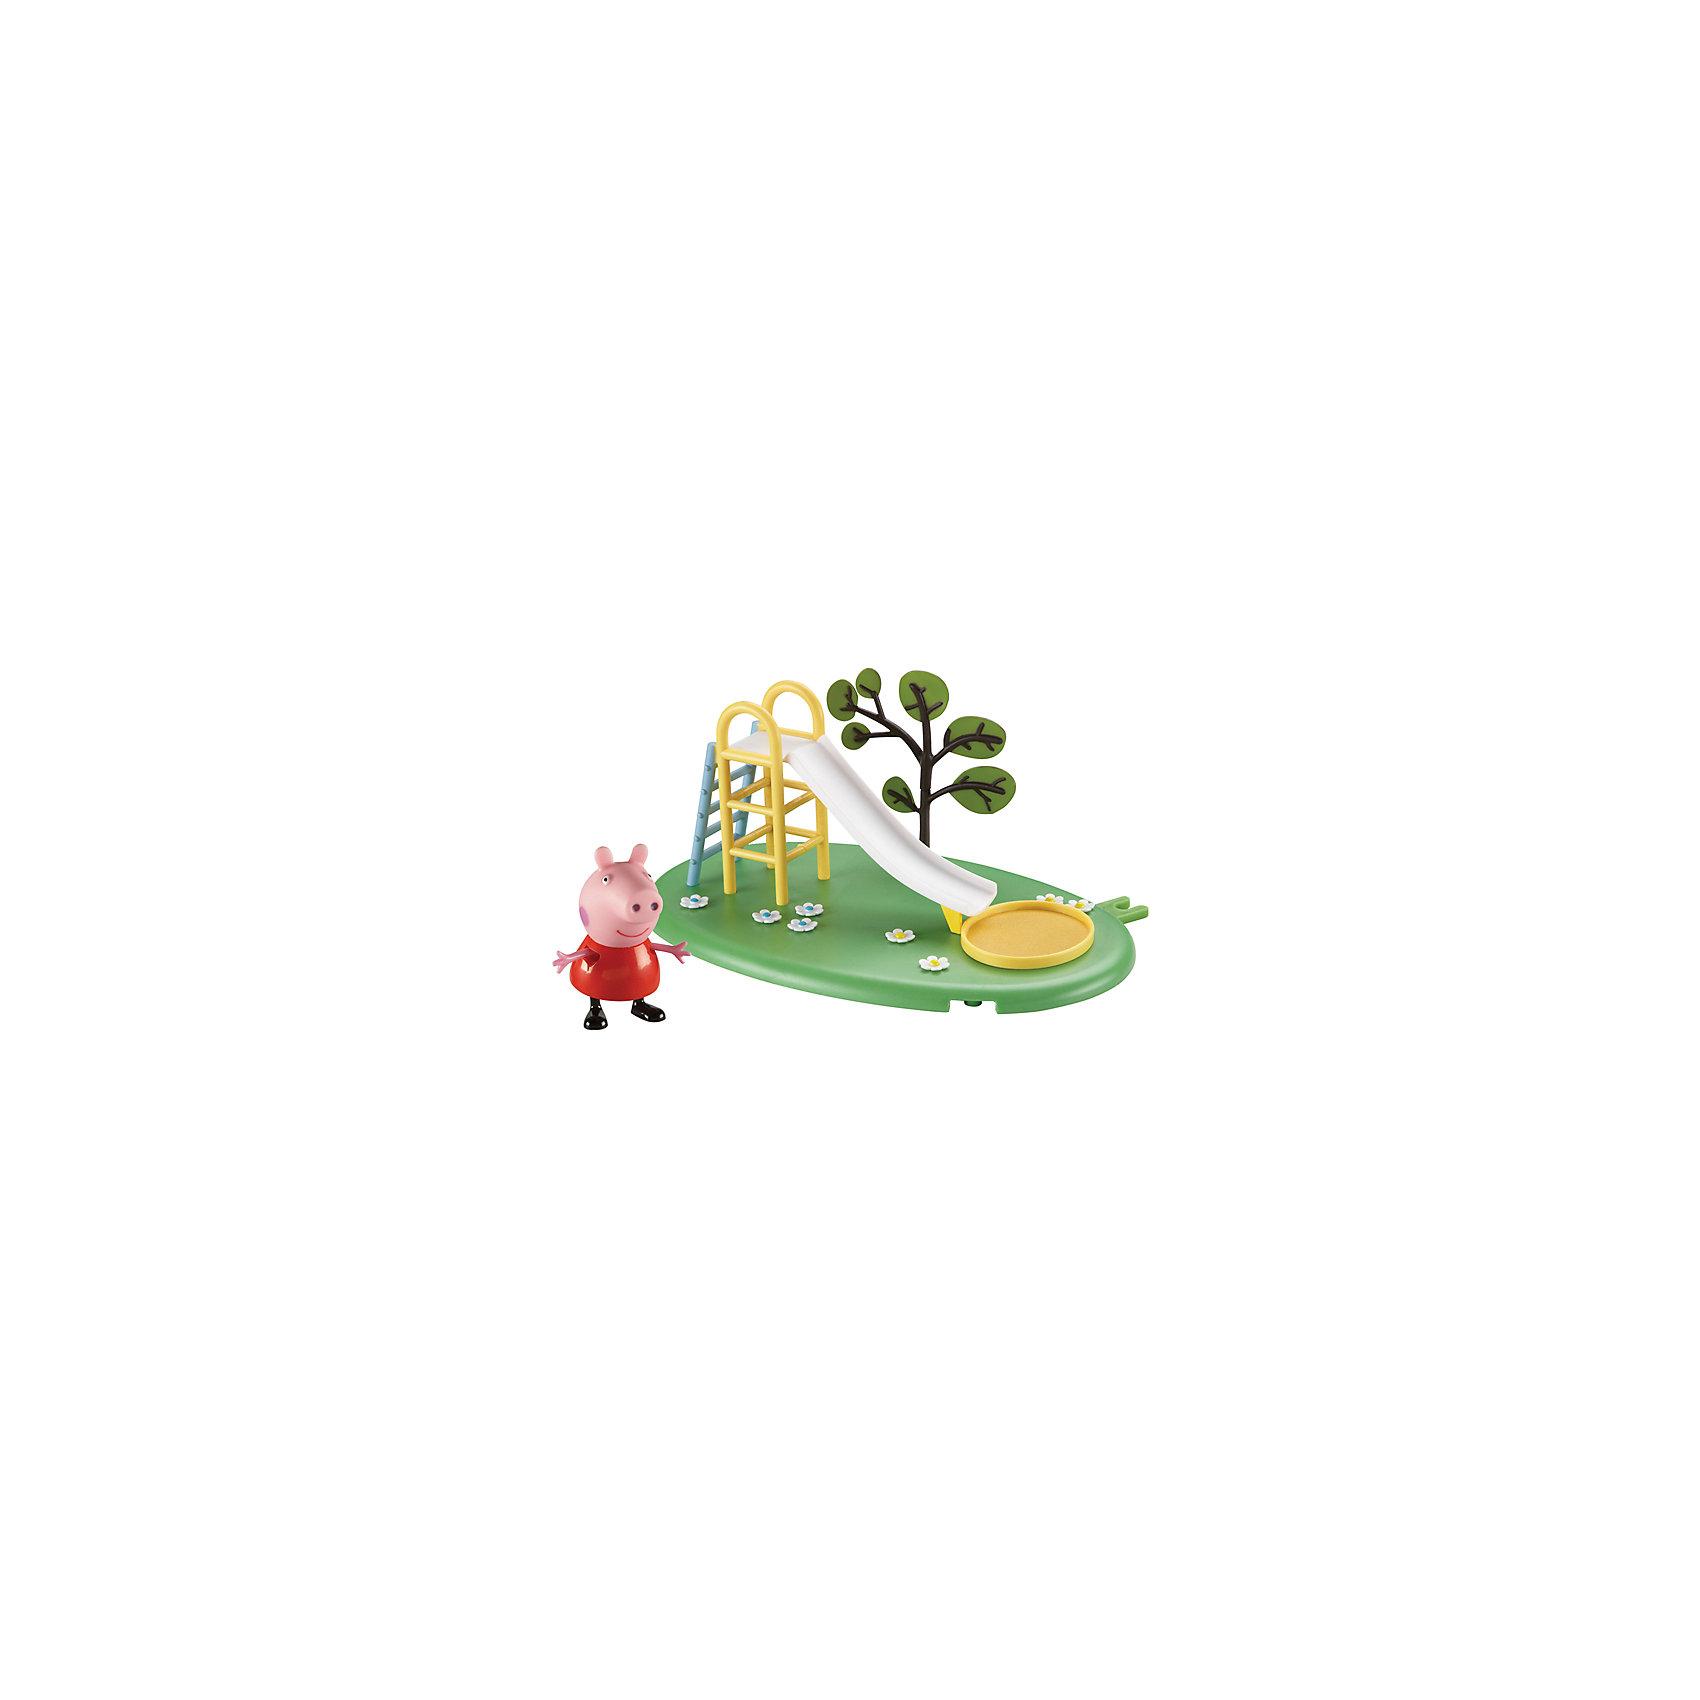 Росмэн Игровая площадка Горка Пеппы, Свинка Пеппа росмэн игровой набор поезд пеппы неваляшки свинка пеппа